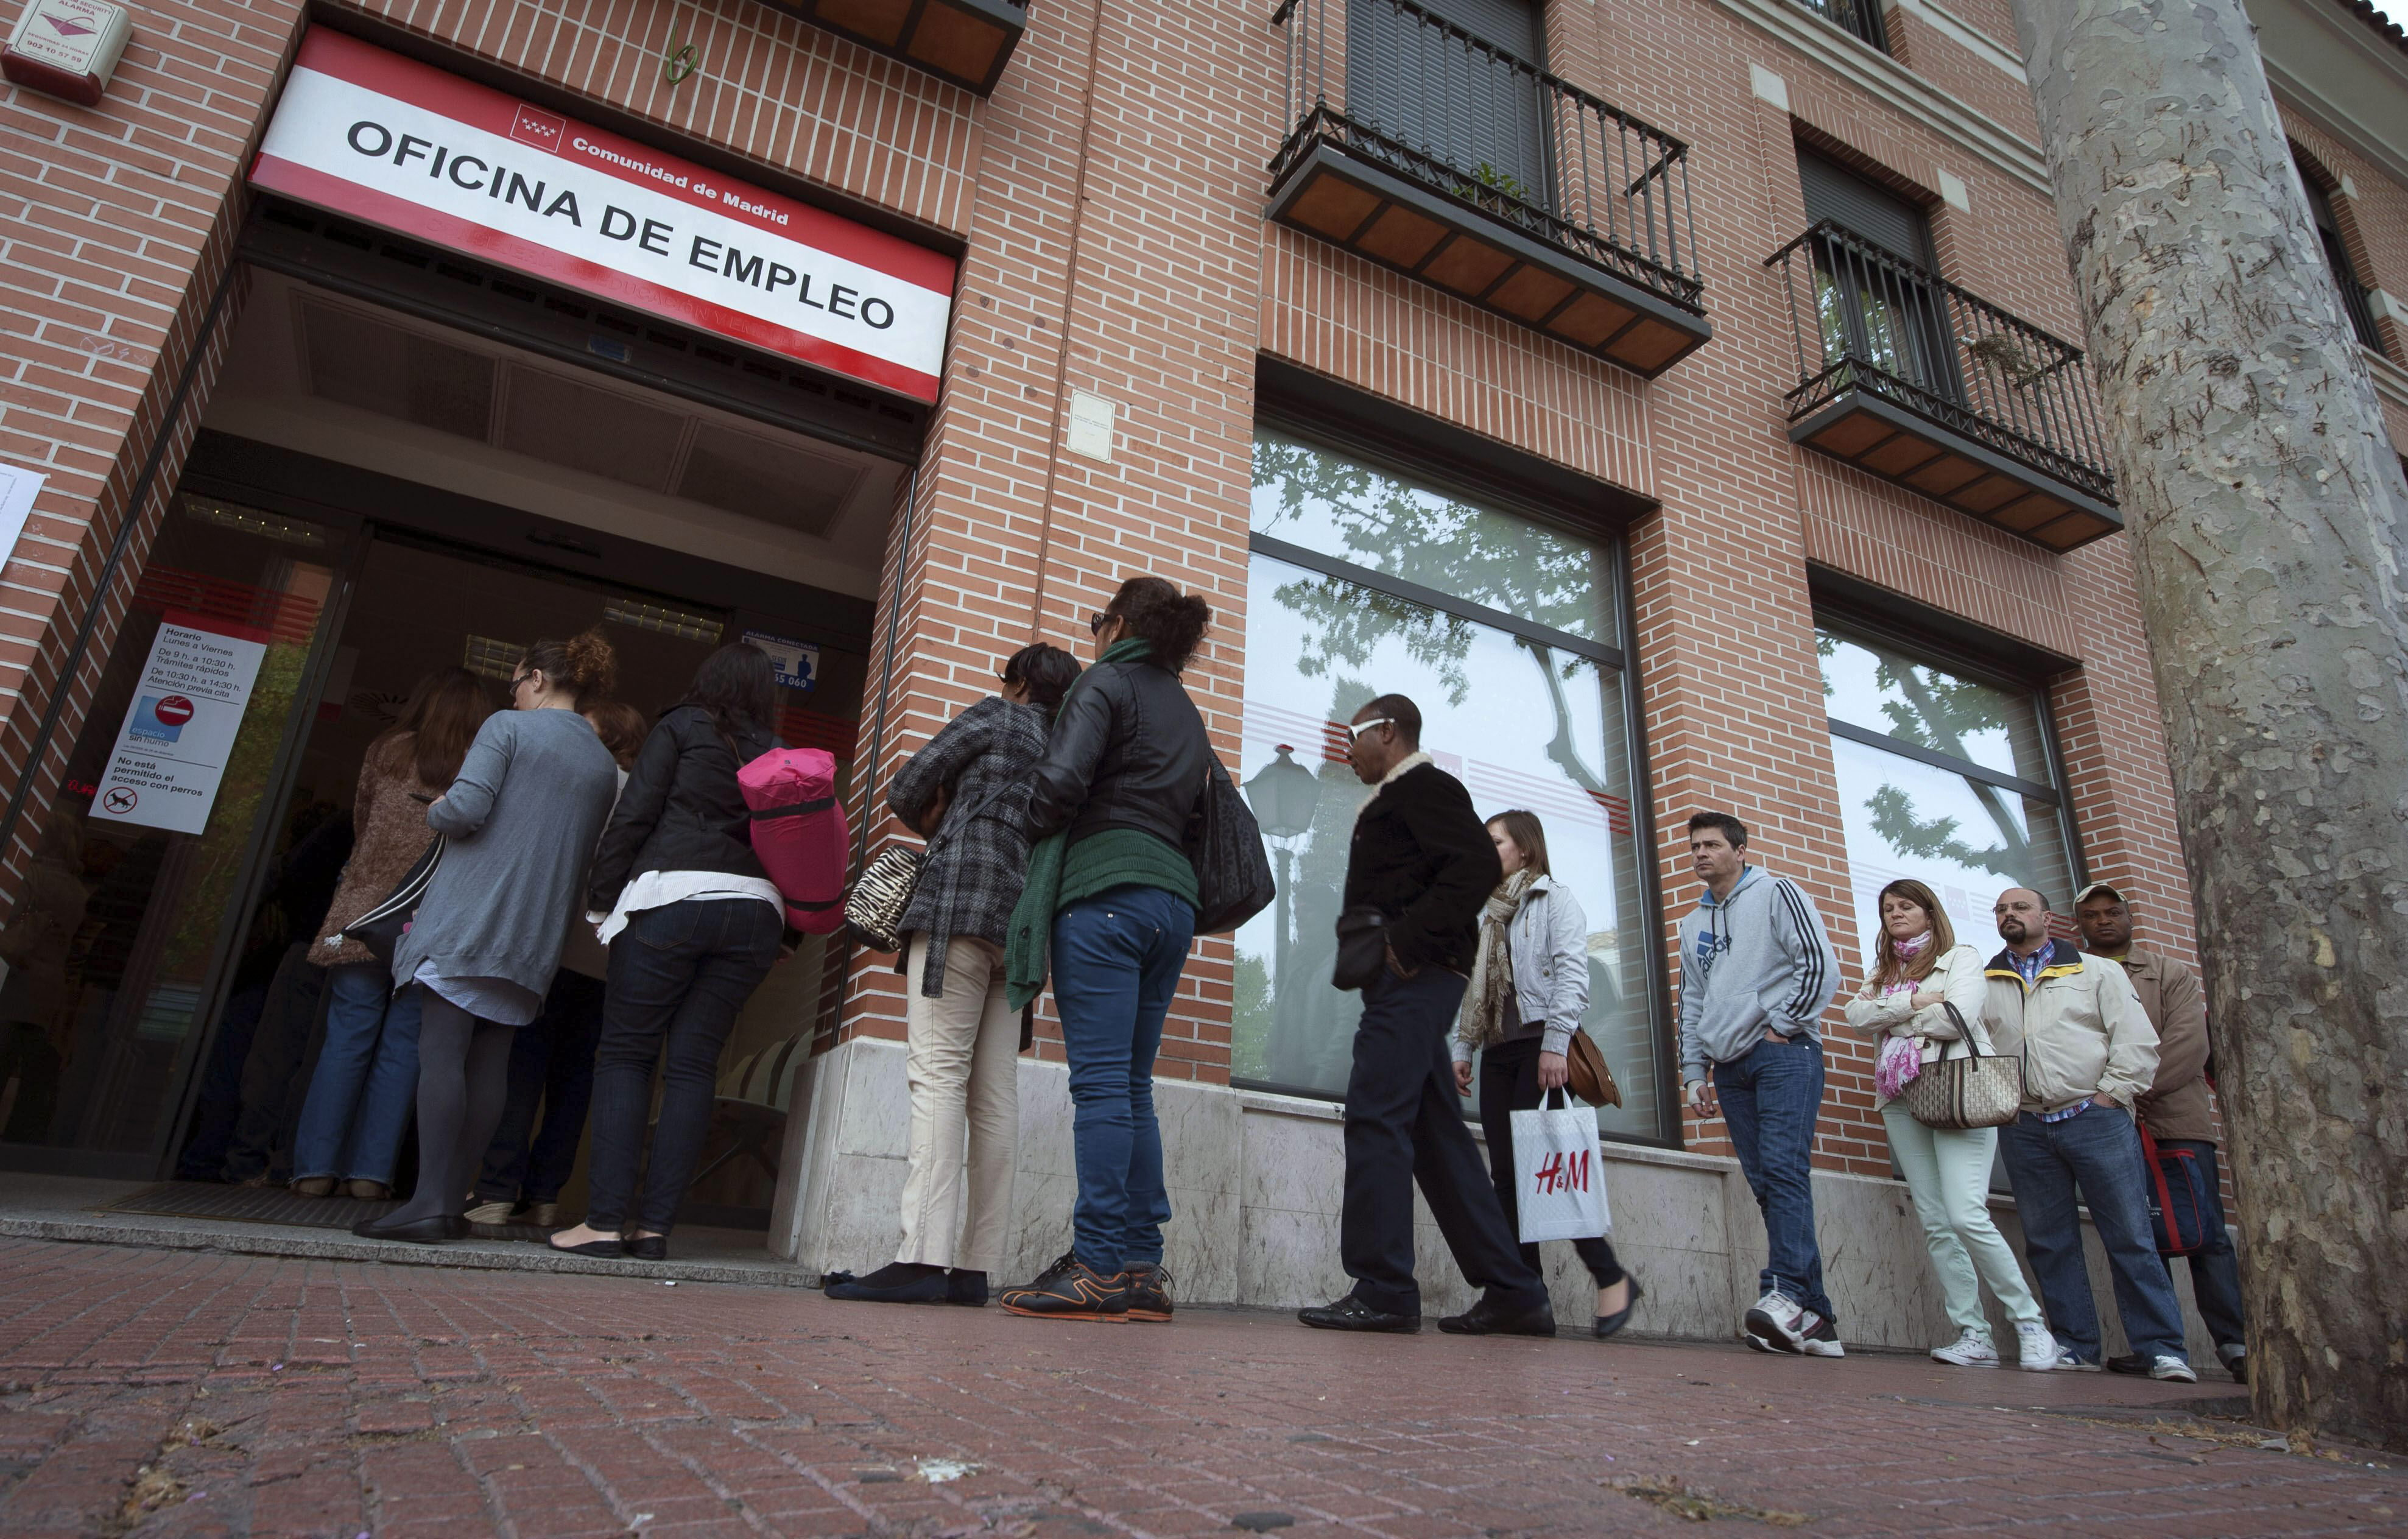 El número de parados en España superó los 6 millones en mayo, según Eurostat